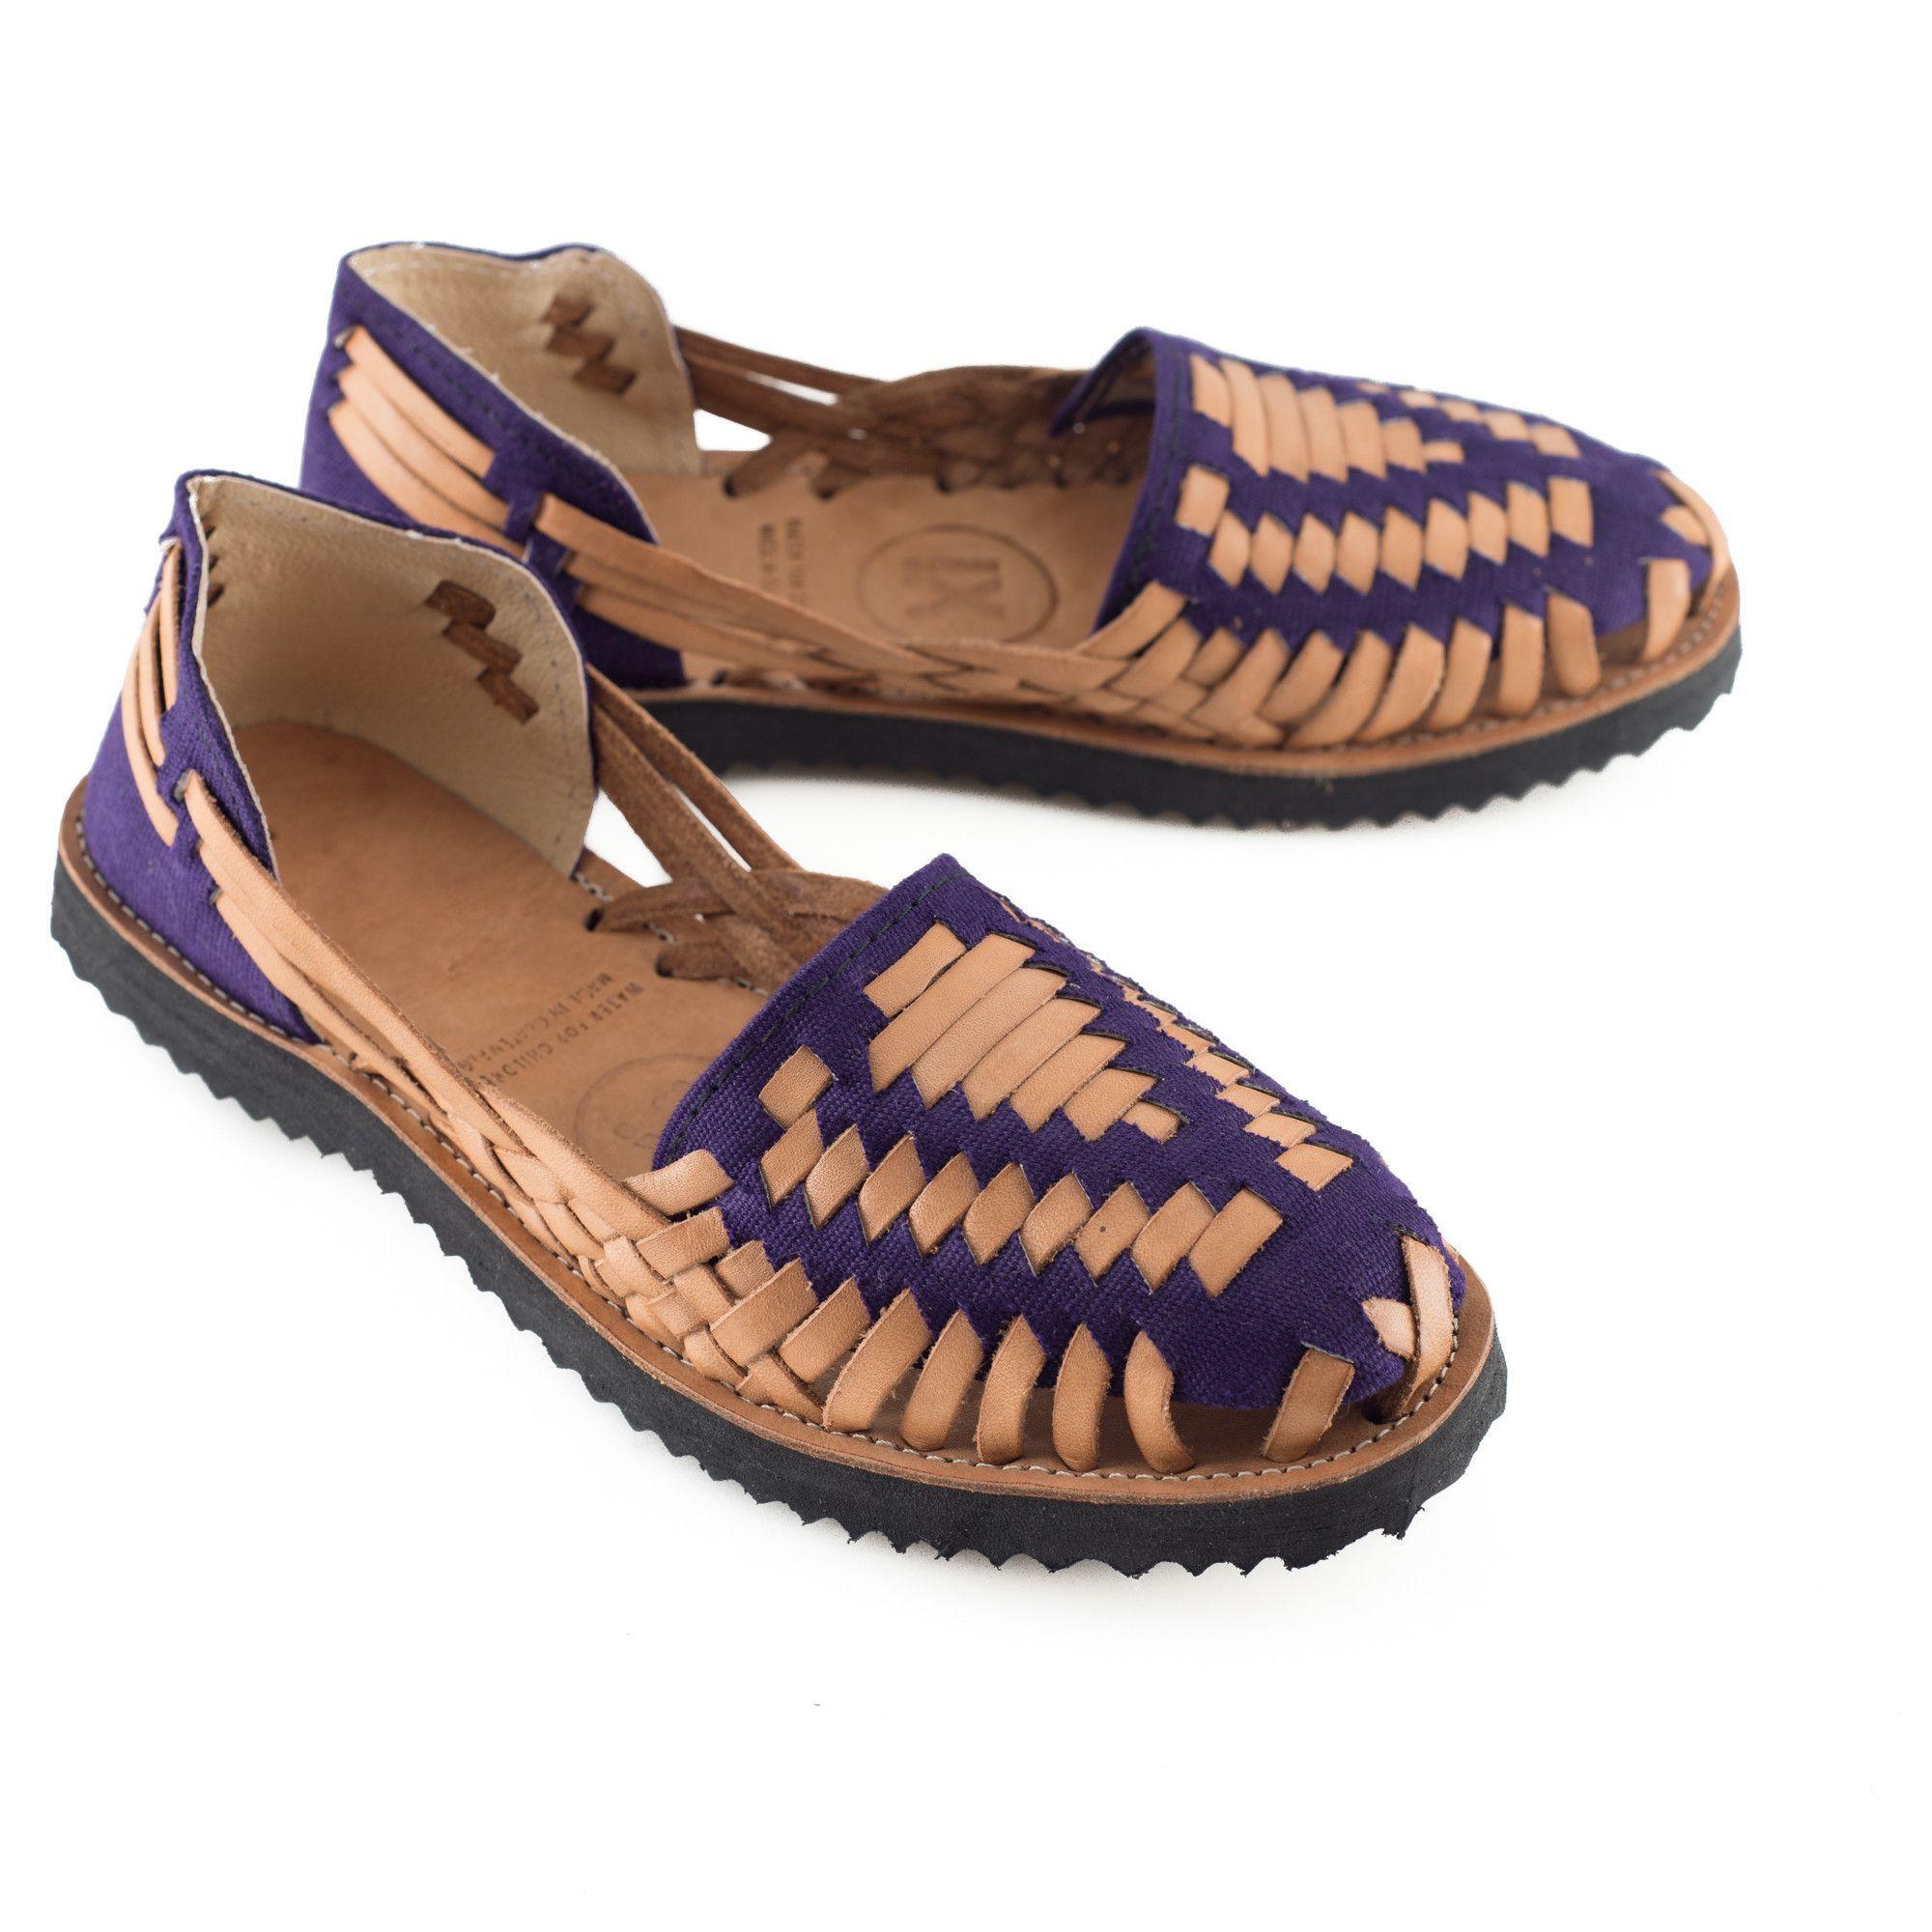 50f3e5addb767 Women s Purple Woven Leather Huarache Sandals